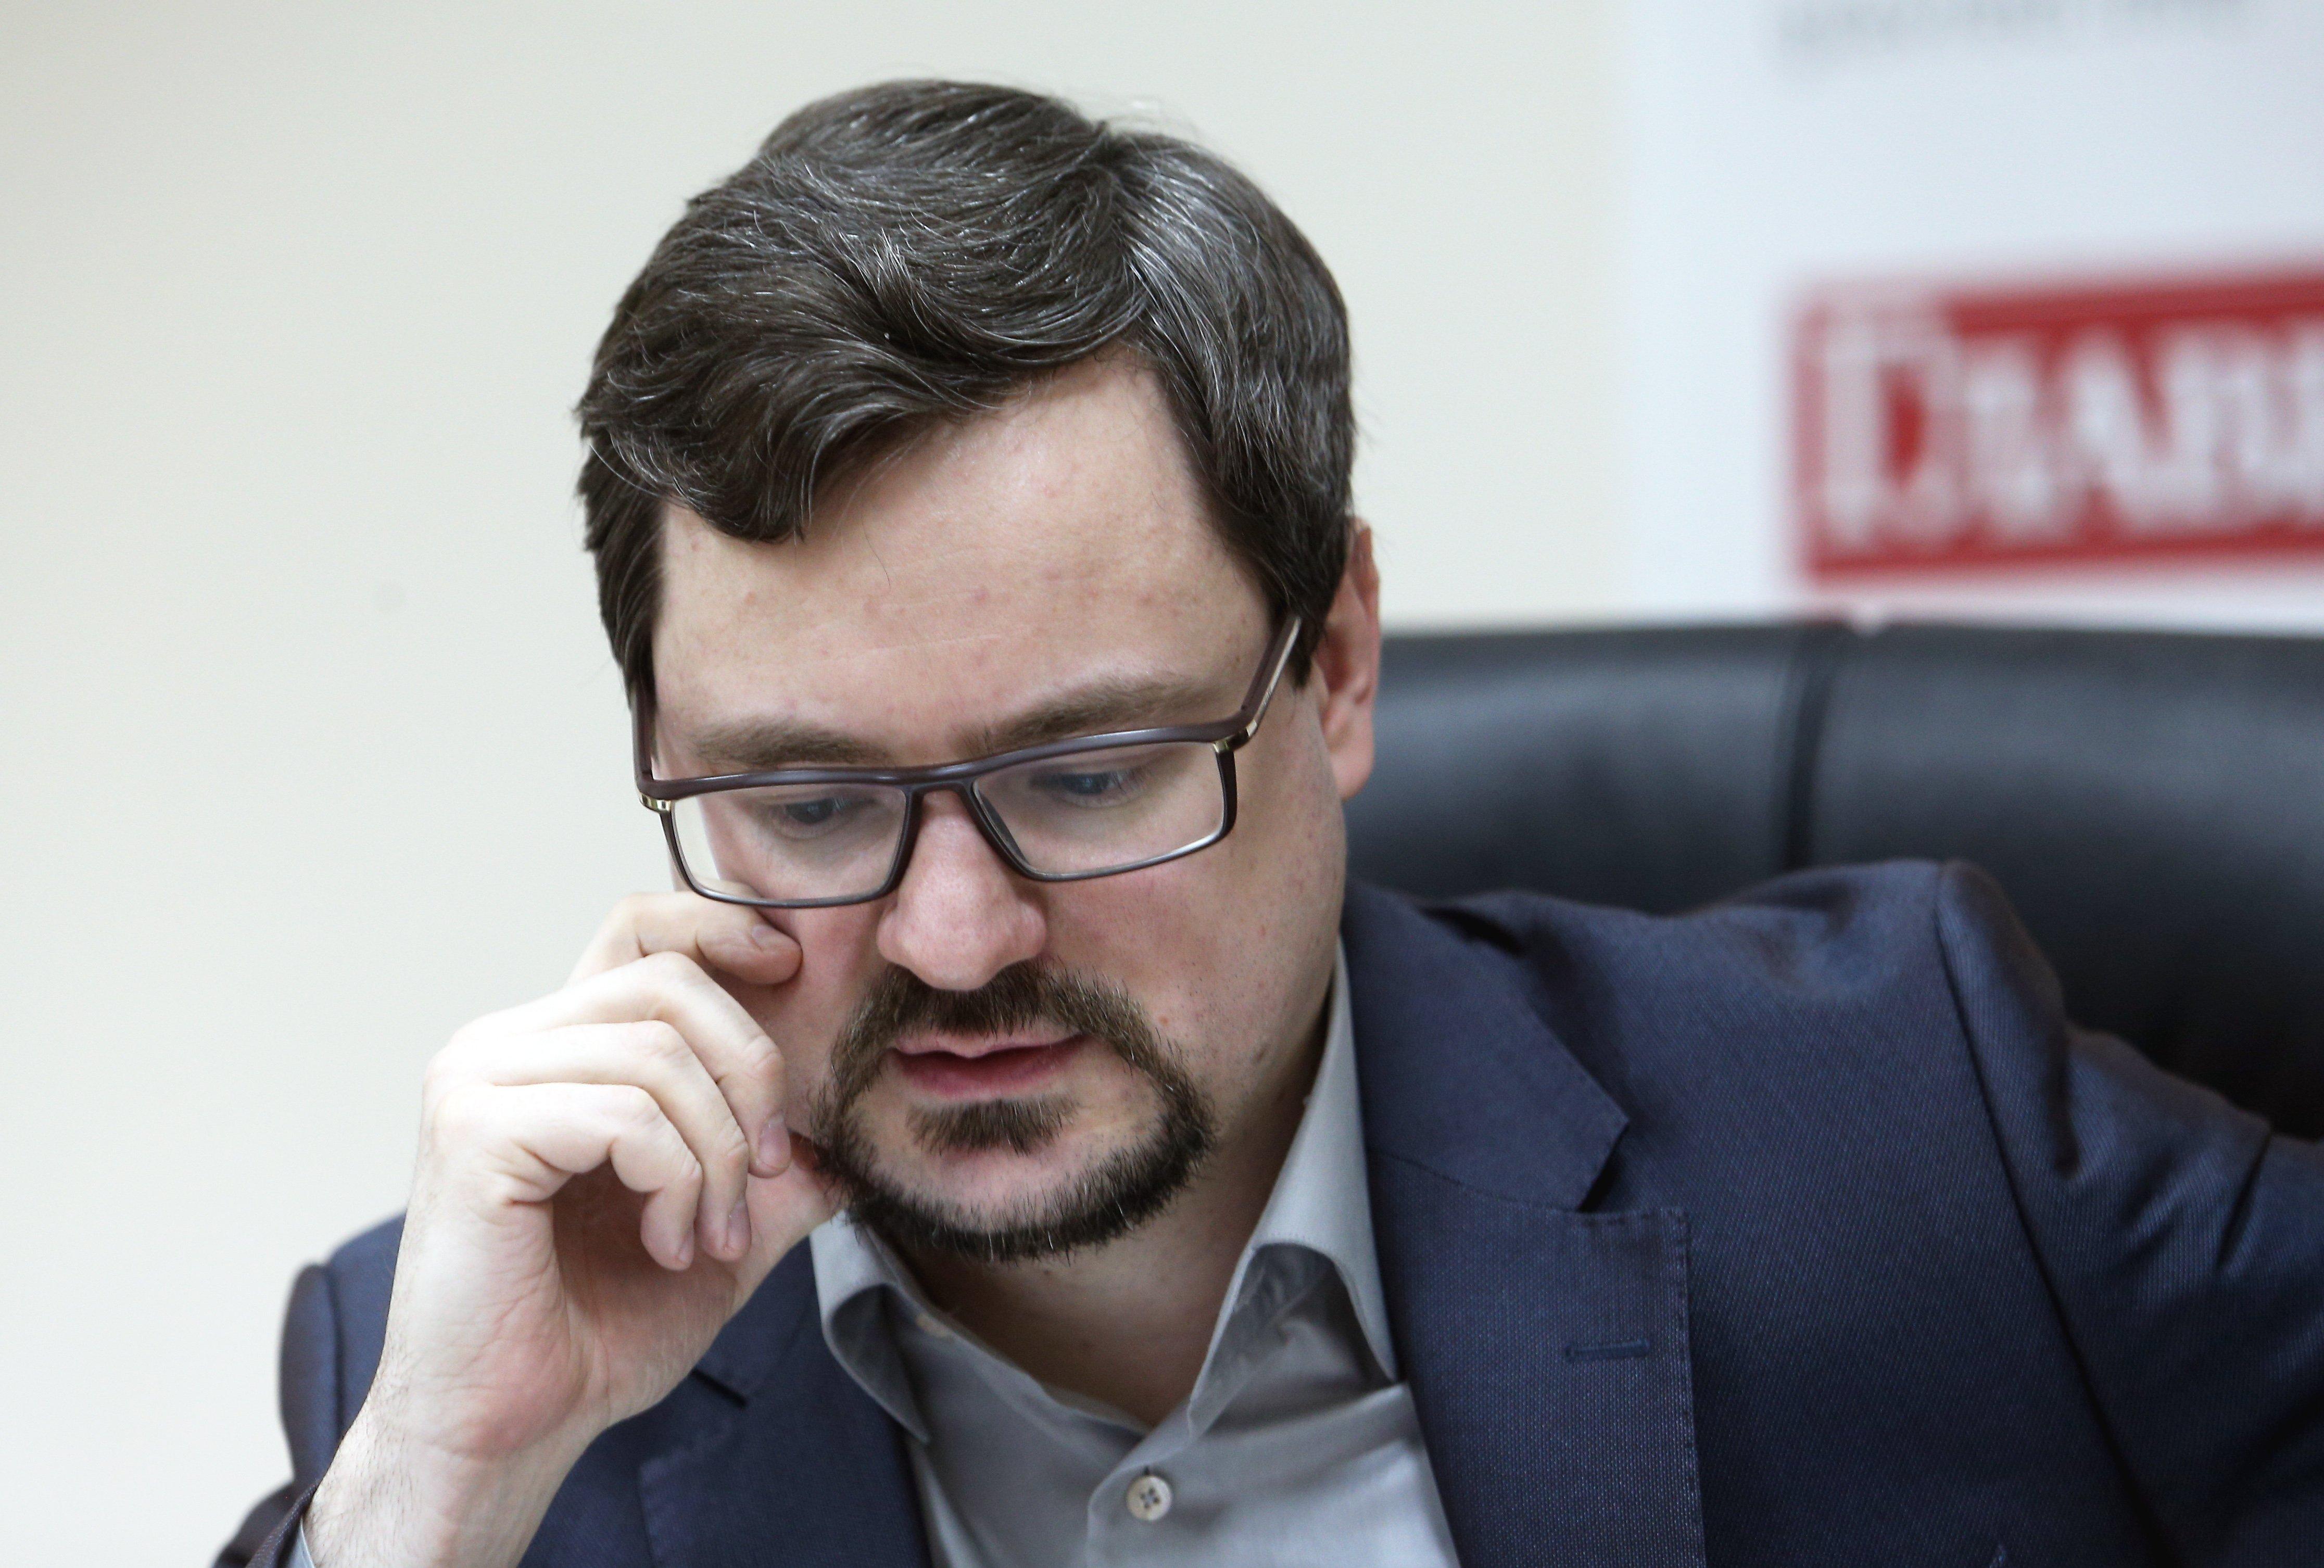 Украина в ближайшие семь лет может совершить рывок в развитии, просто какое-то чудо, отметил Игорь Никишин